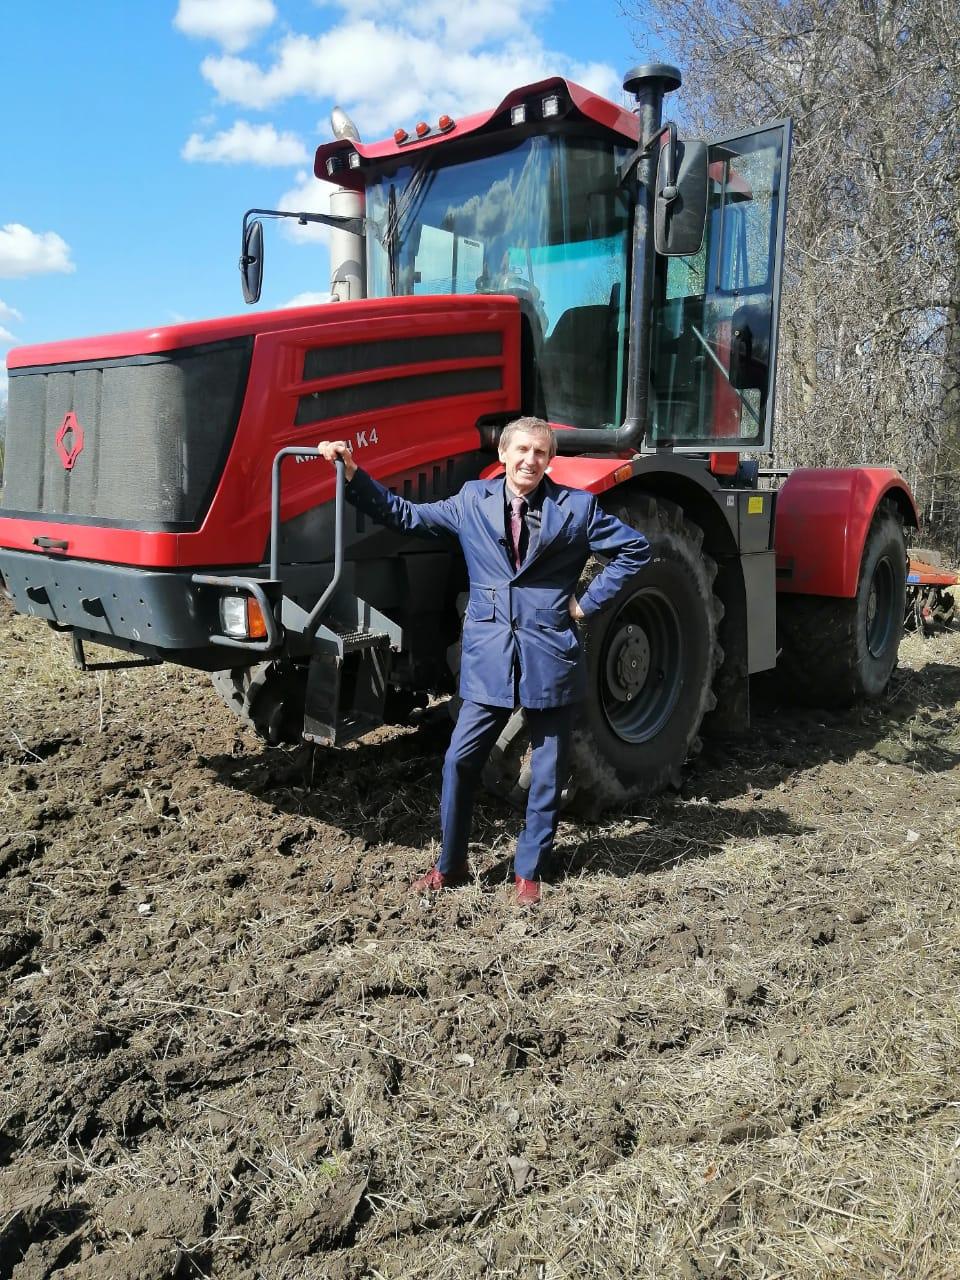 Уральский фермер считает, что нужно развивать фермерские хозяйства, а не агрохолдинги